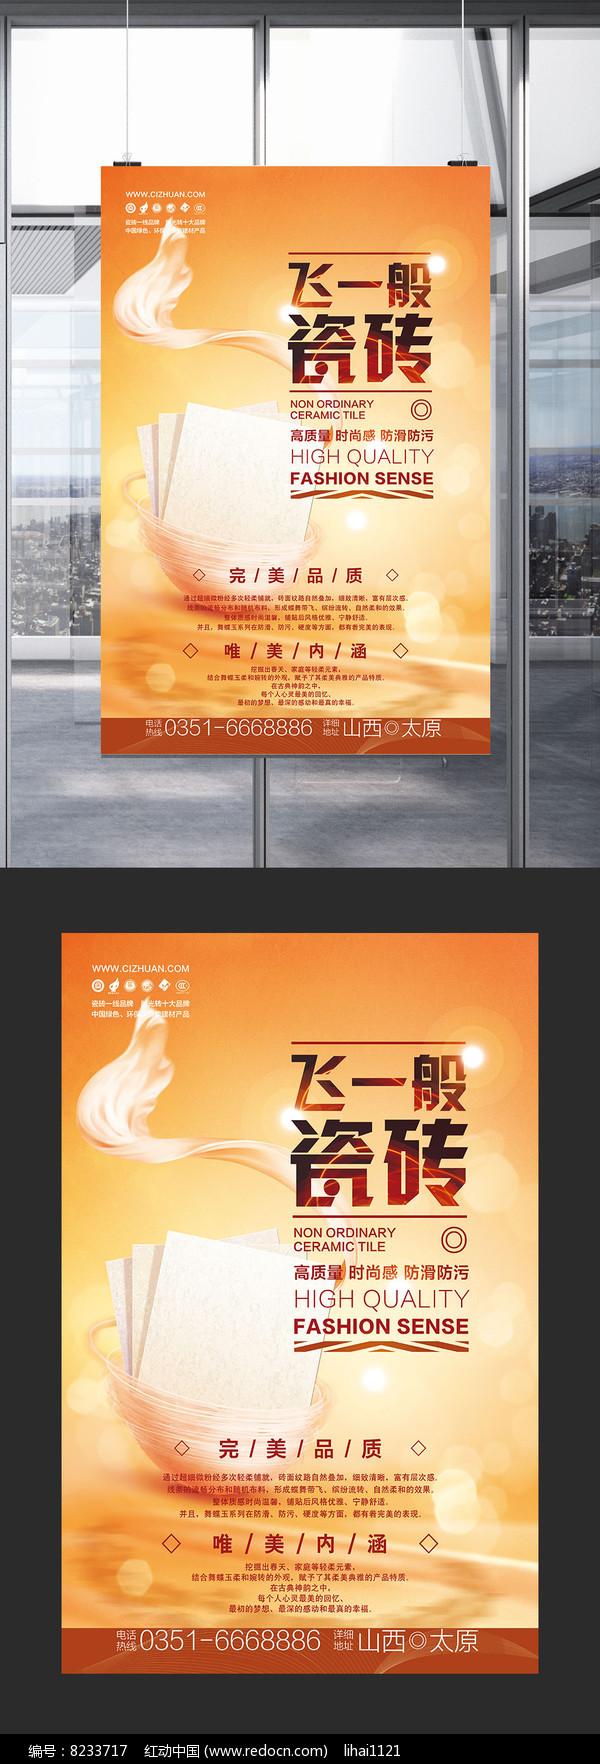 视觉地板瓷砖广告海报图片